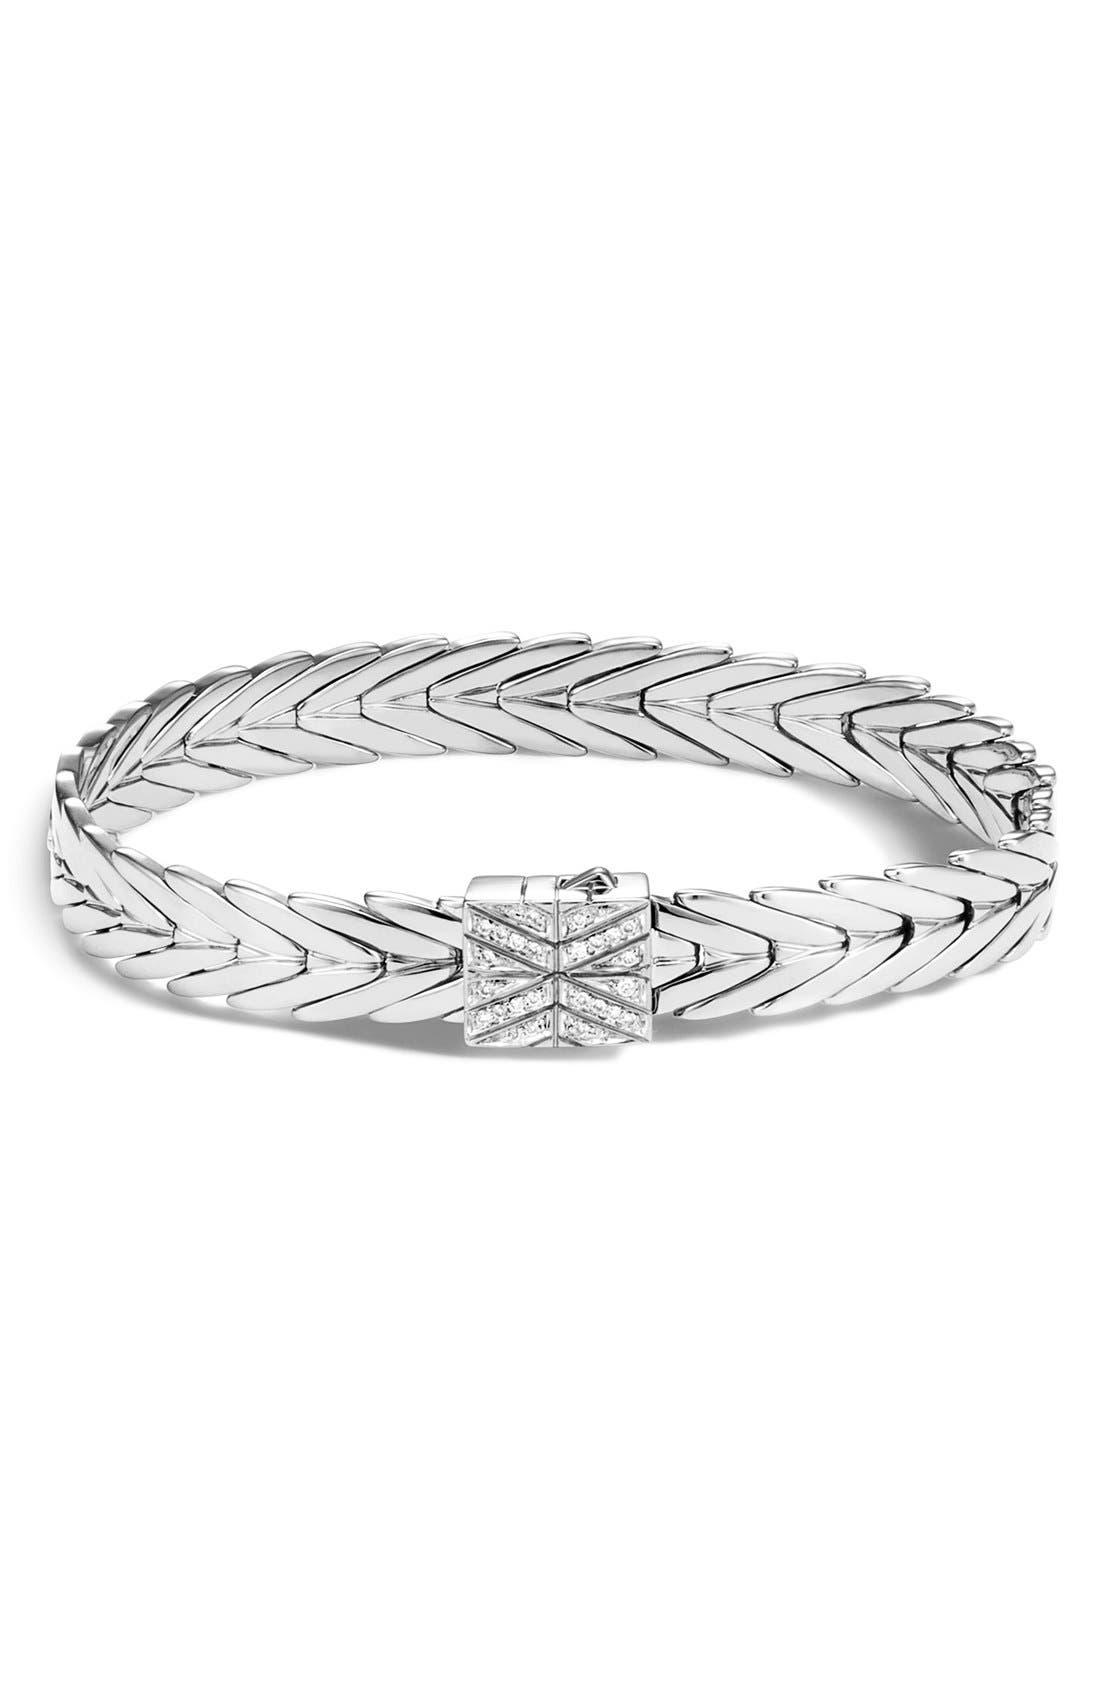 Modern Chain 8mm Bracelet,                             Alternate thumbnail 2, color,                             Silver/Diamond